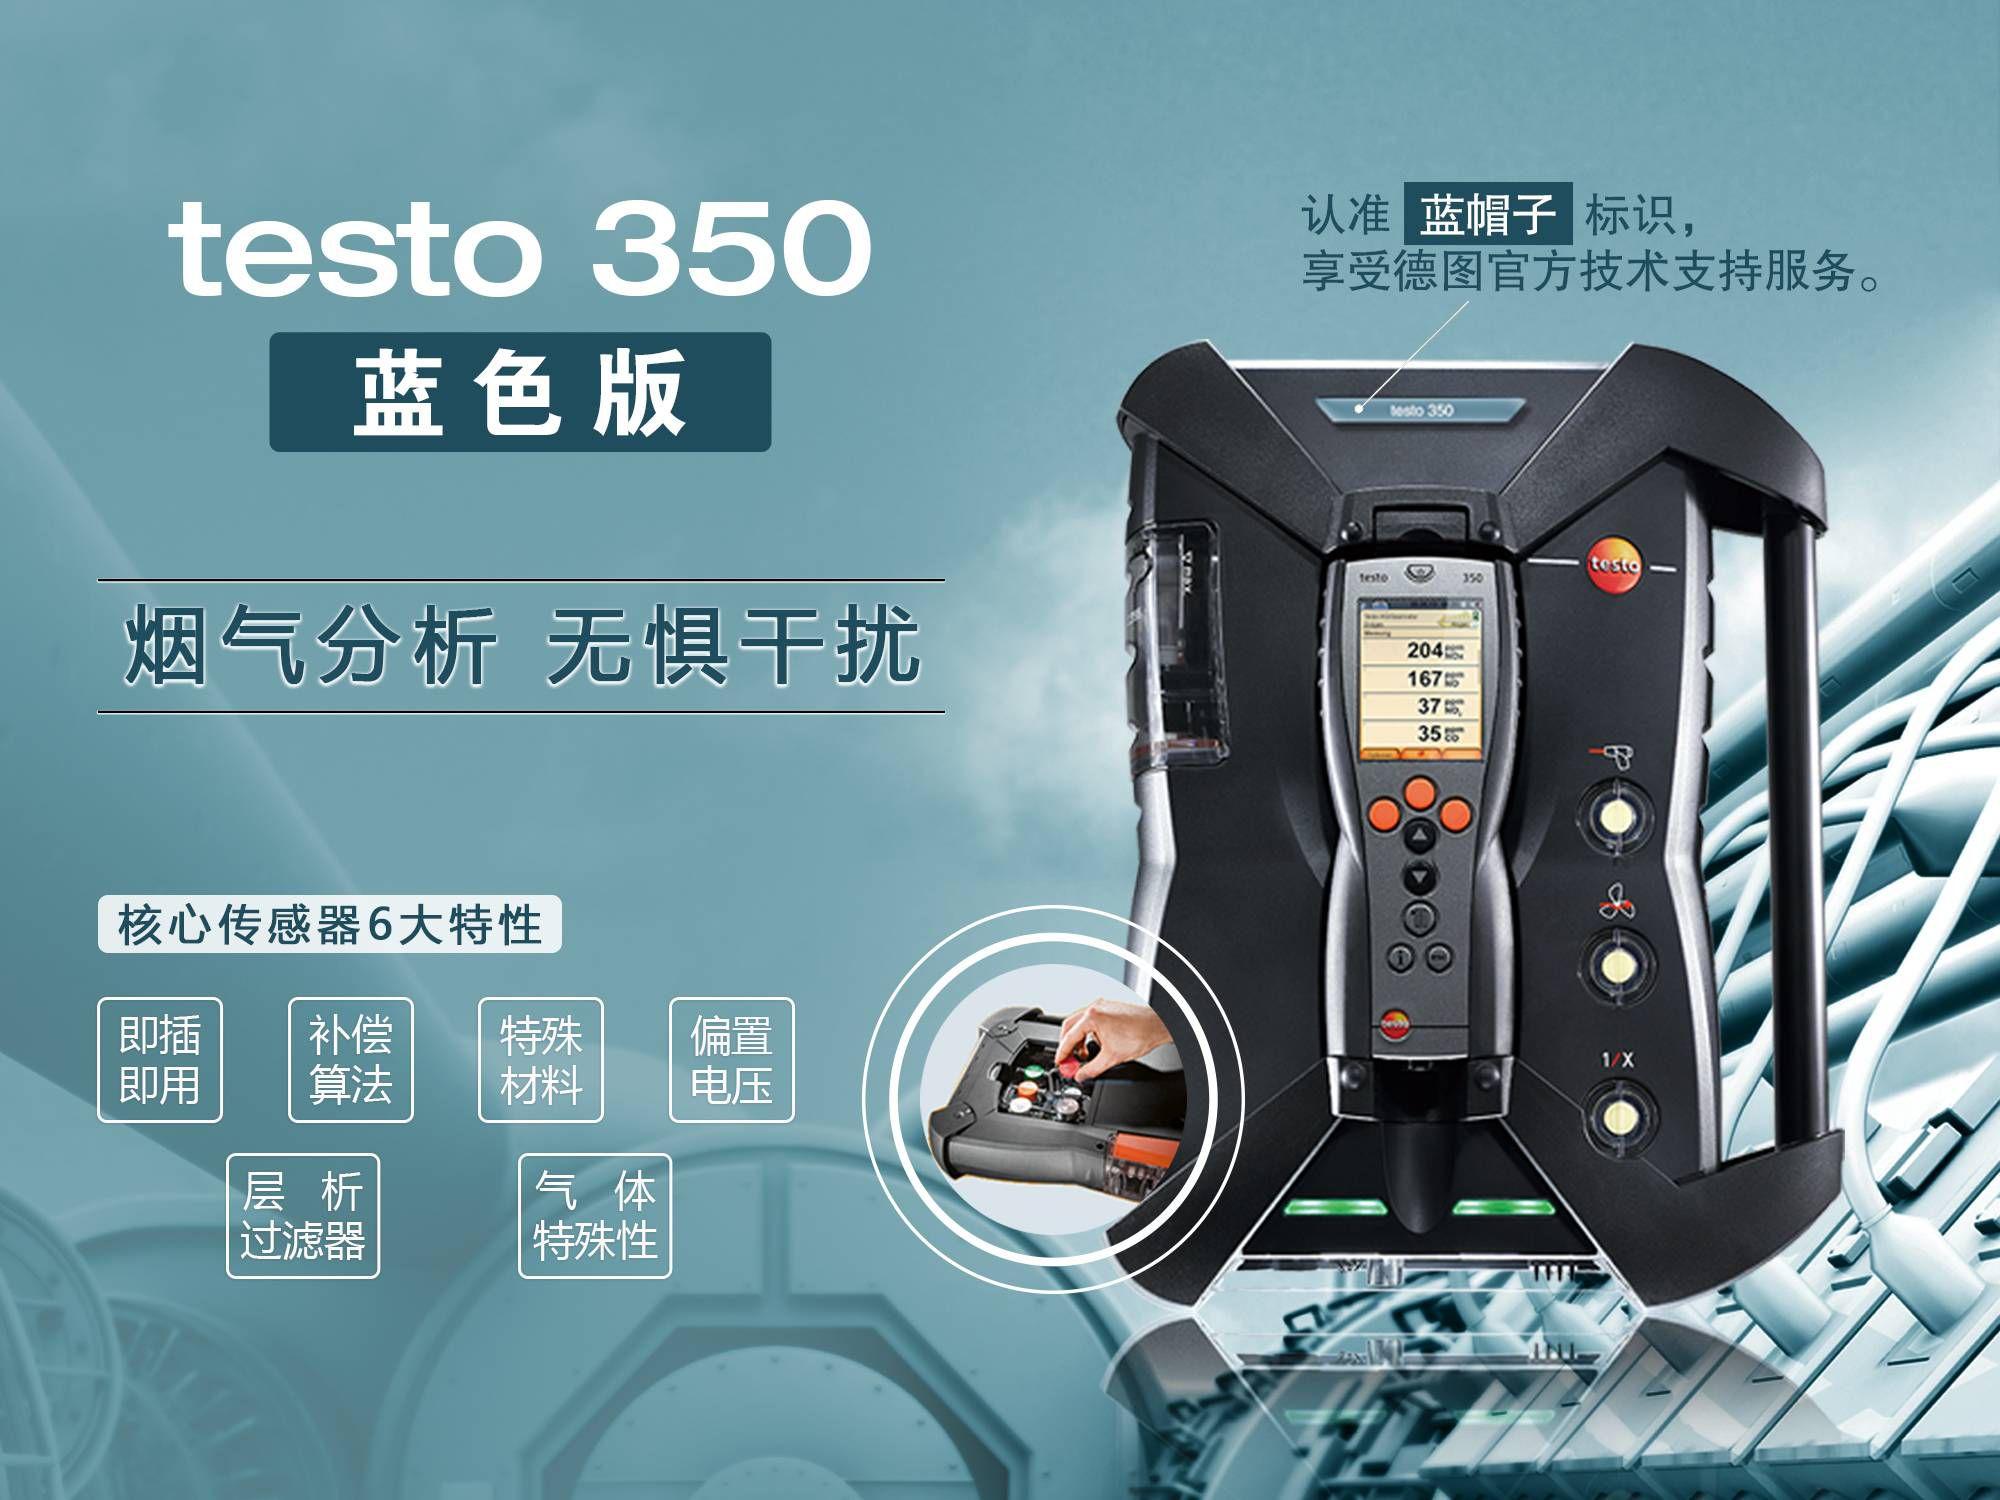 testo350蓝色新款烟气分析仪